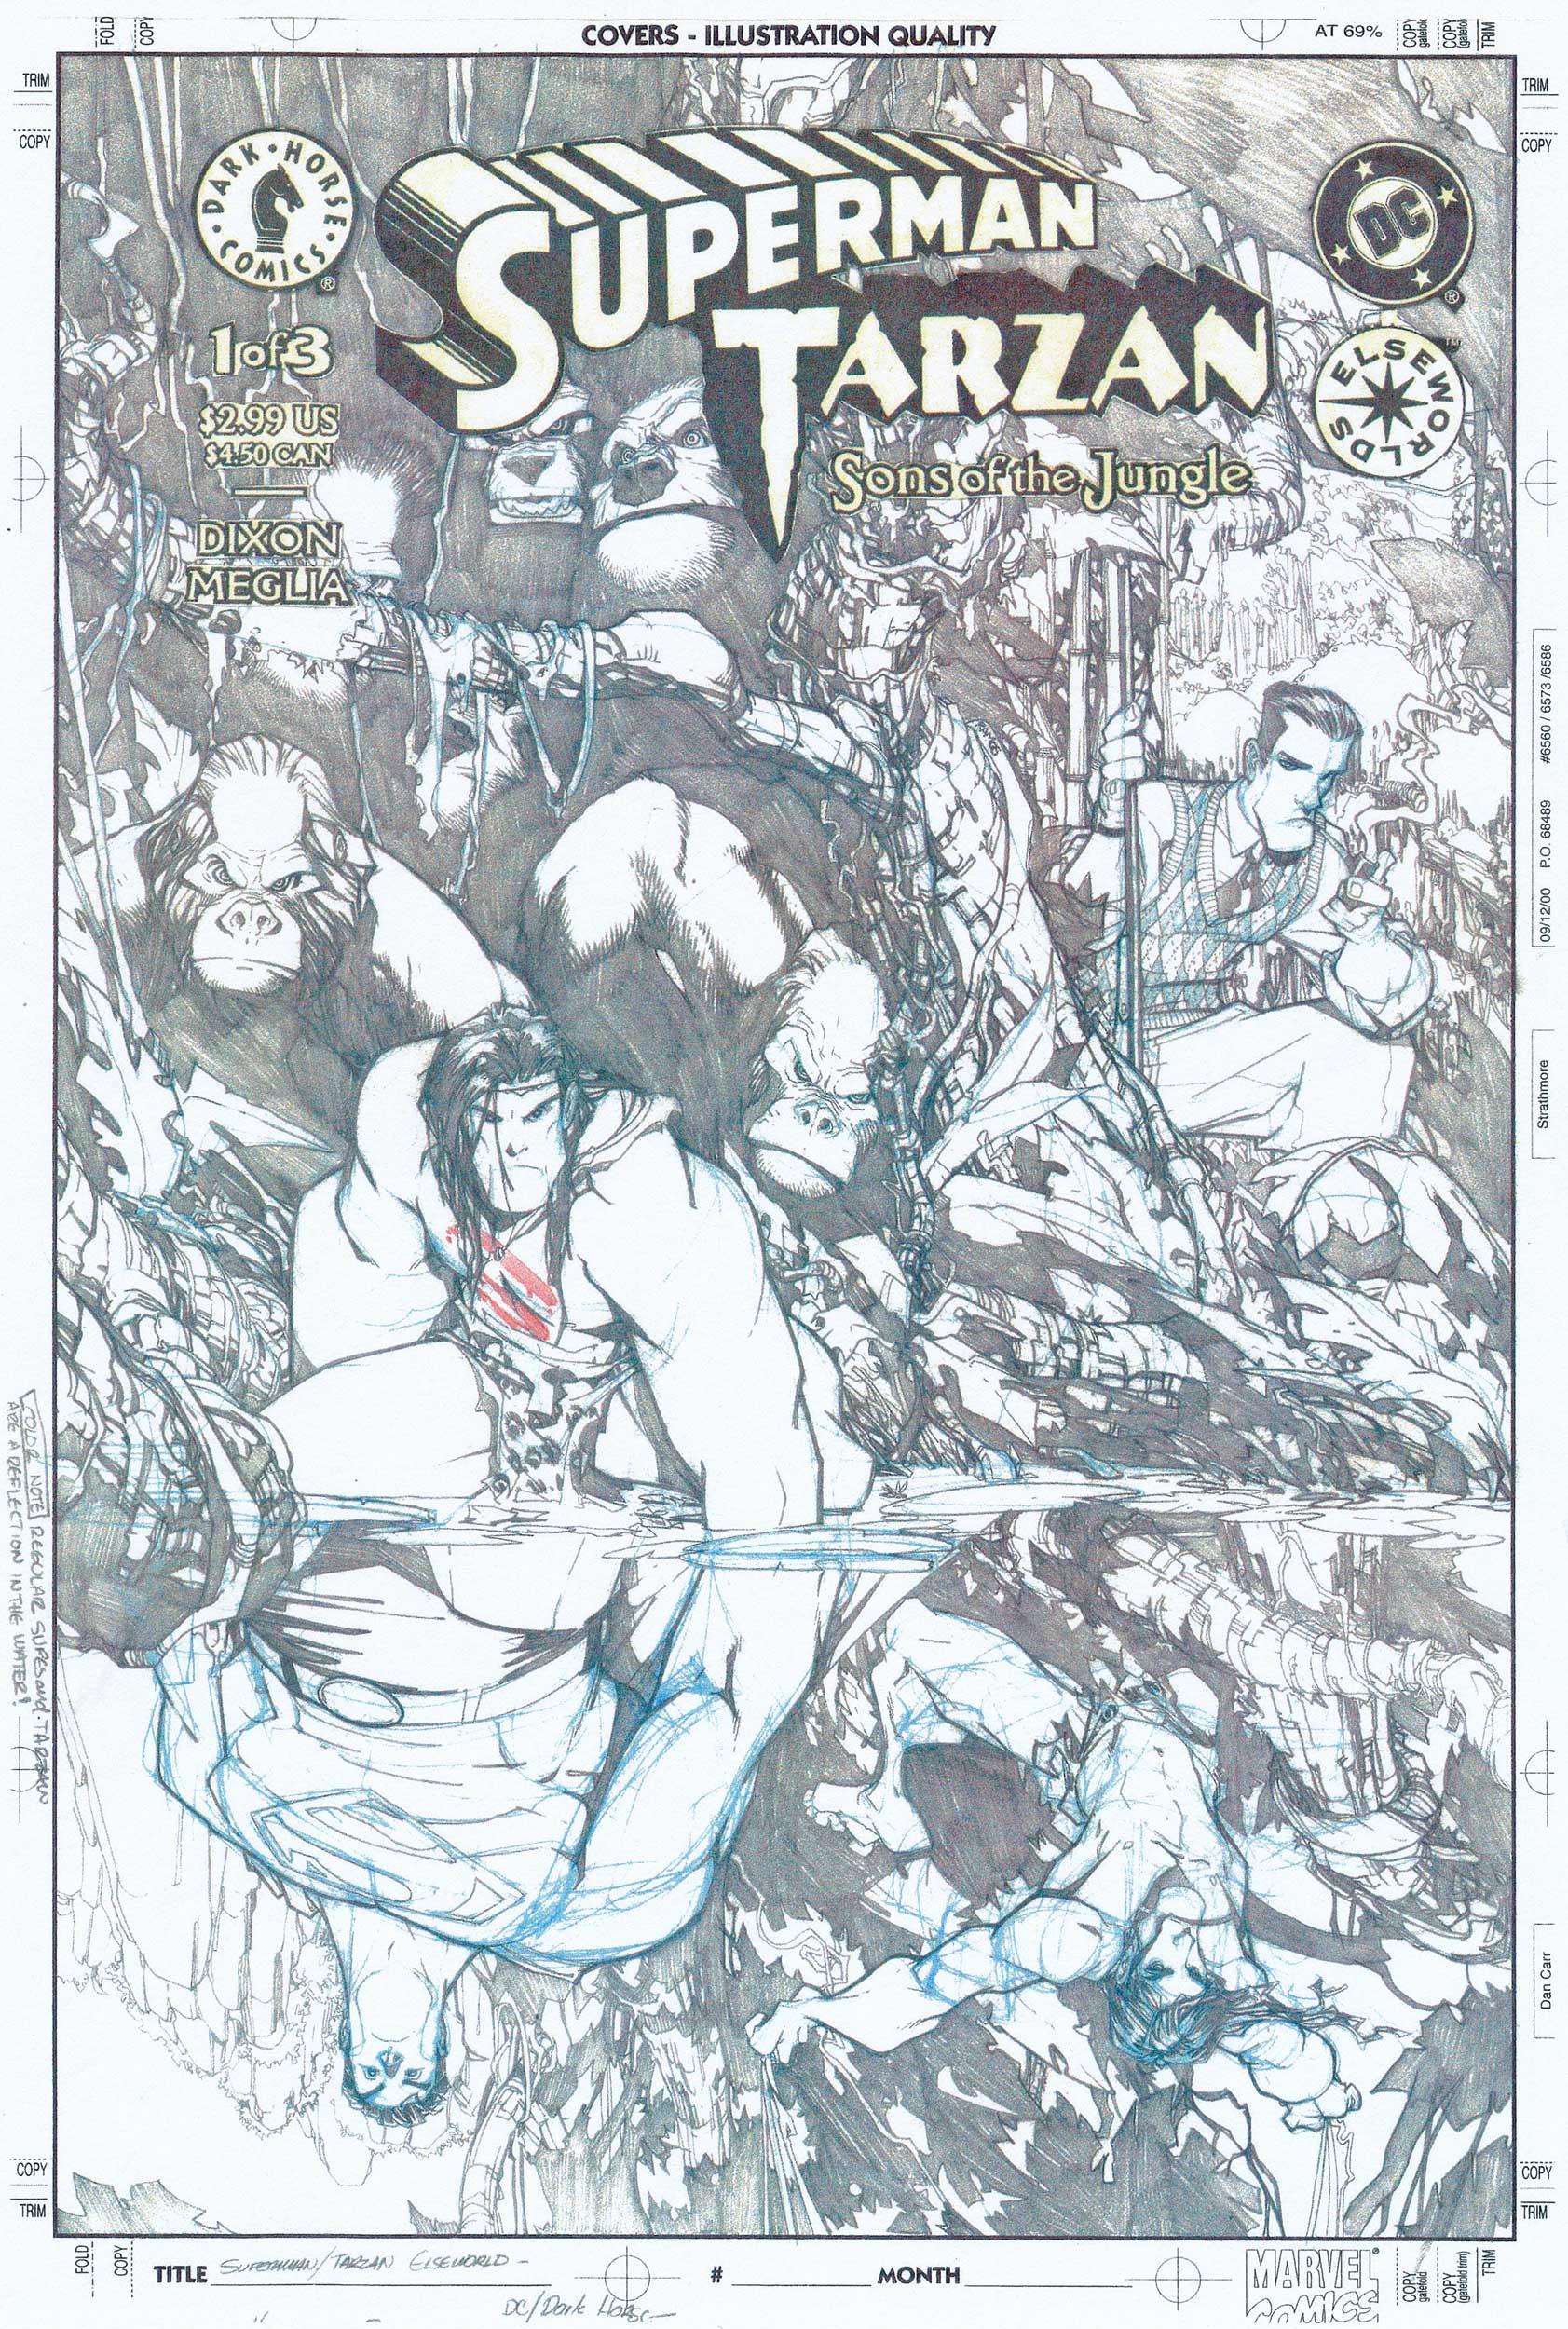 HUMBERTO RAMOS 1999 SUPERMAN / TARZAN #1 COVER Comic Art